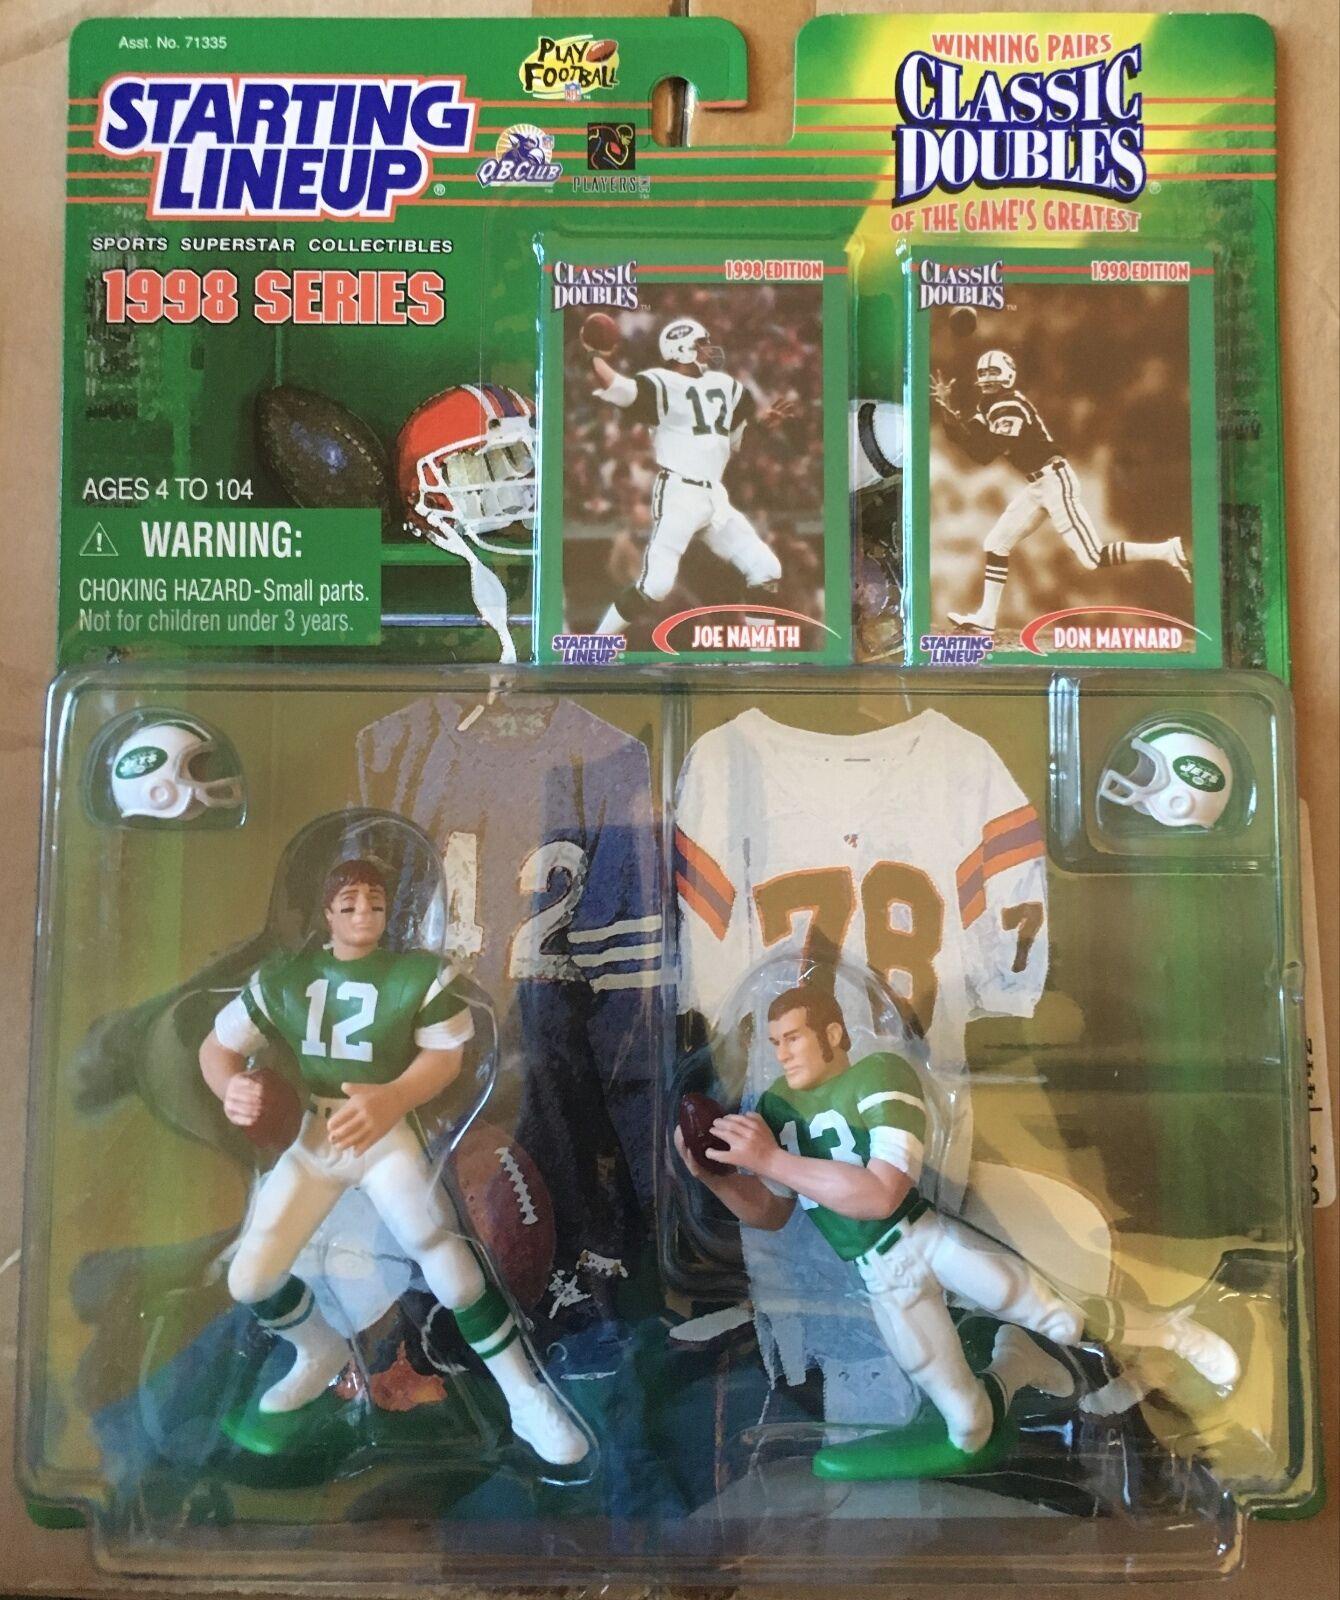 1998 Joe Namath   Don Maynard Classic Doubles SLU w  2 Football Cards N.Y. Jets